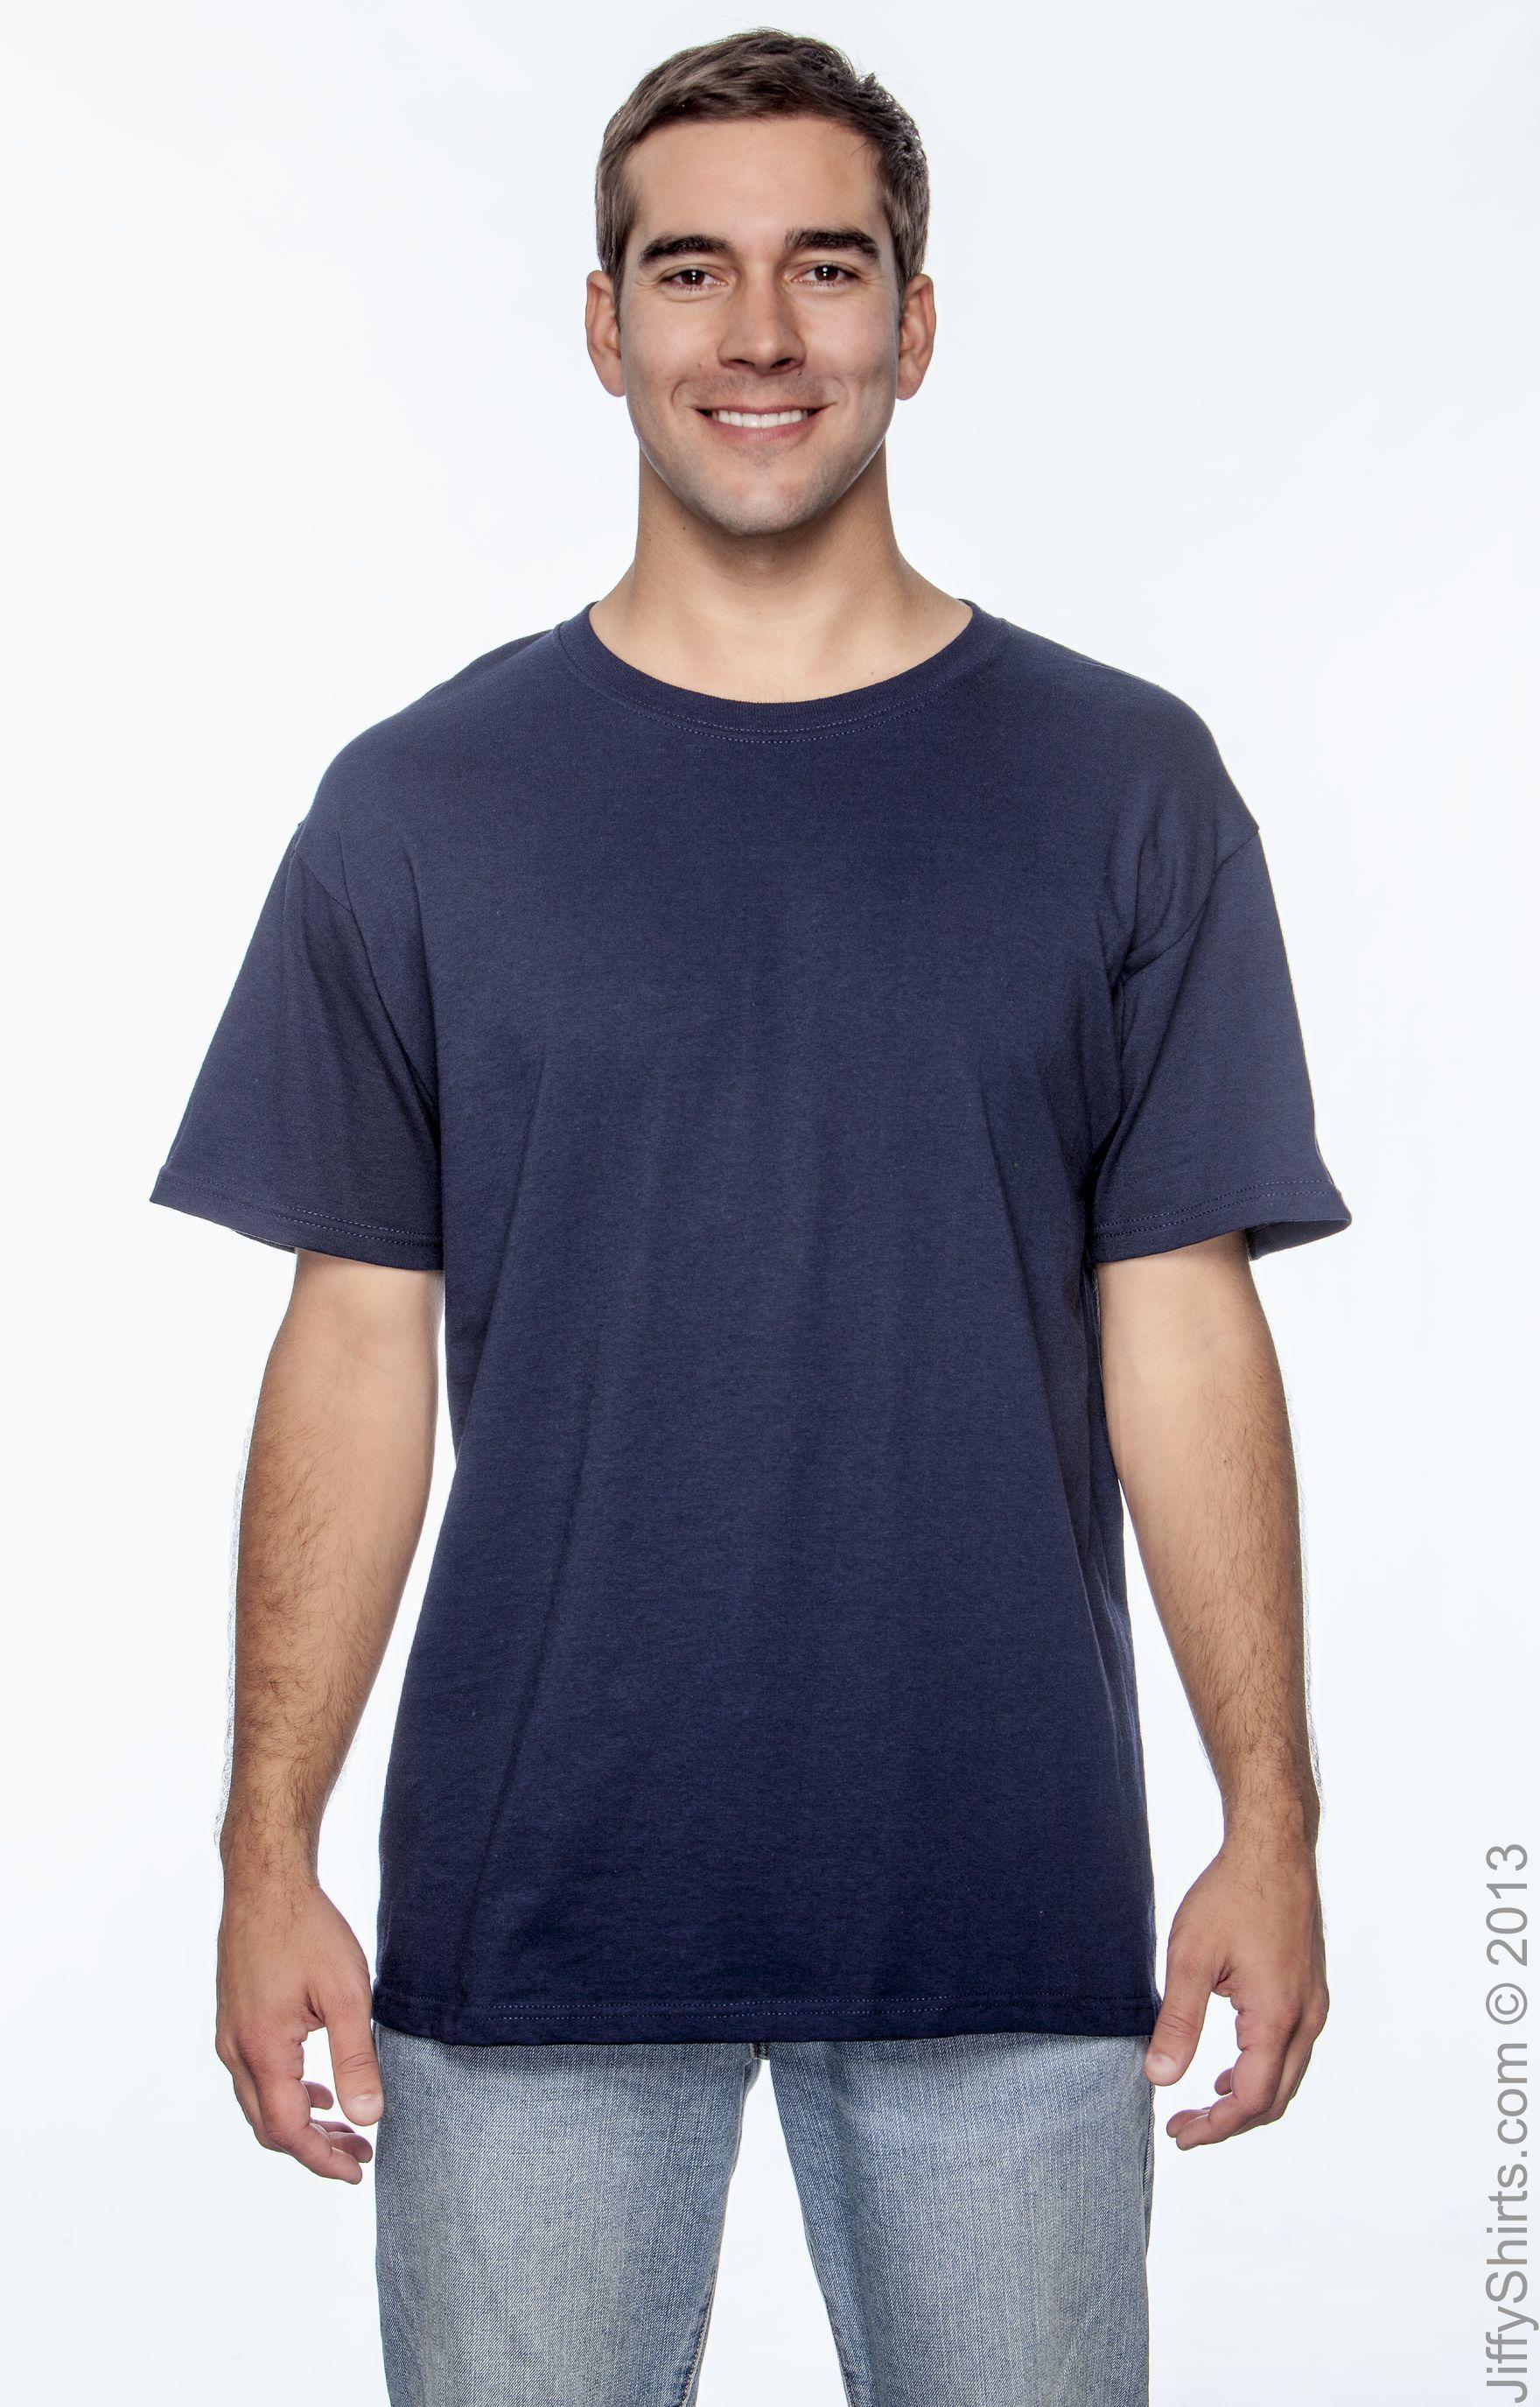 adidas t shirt bulk